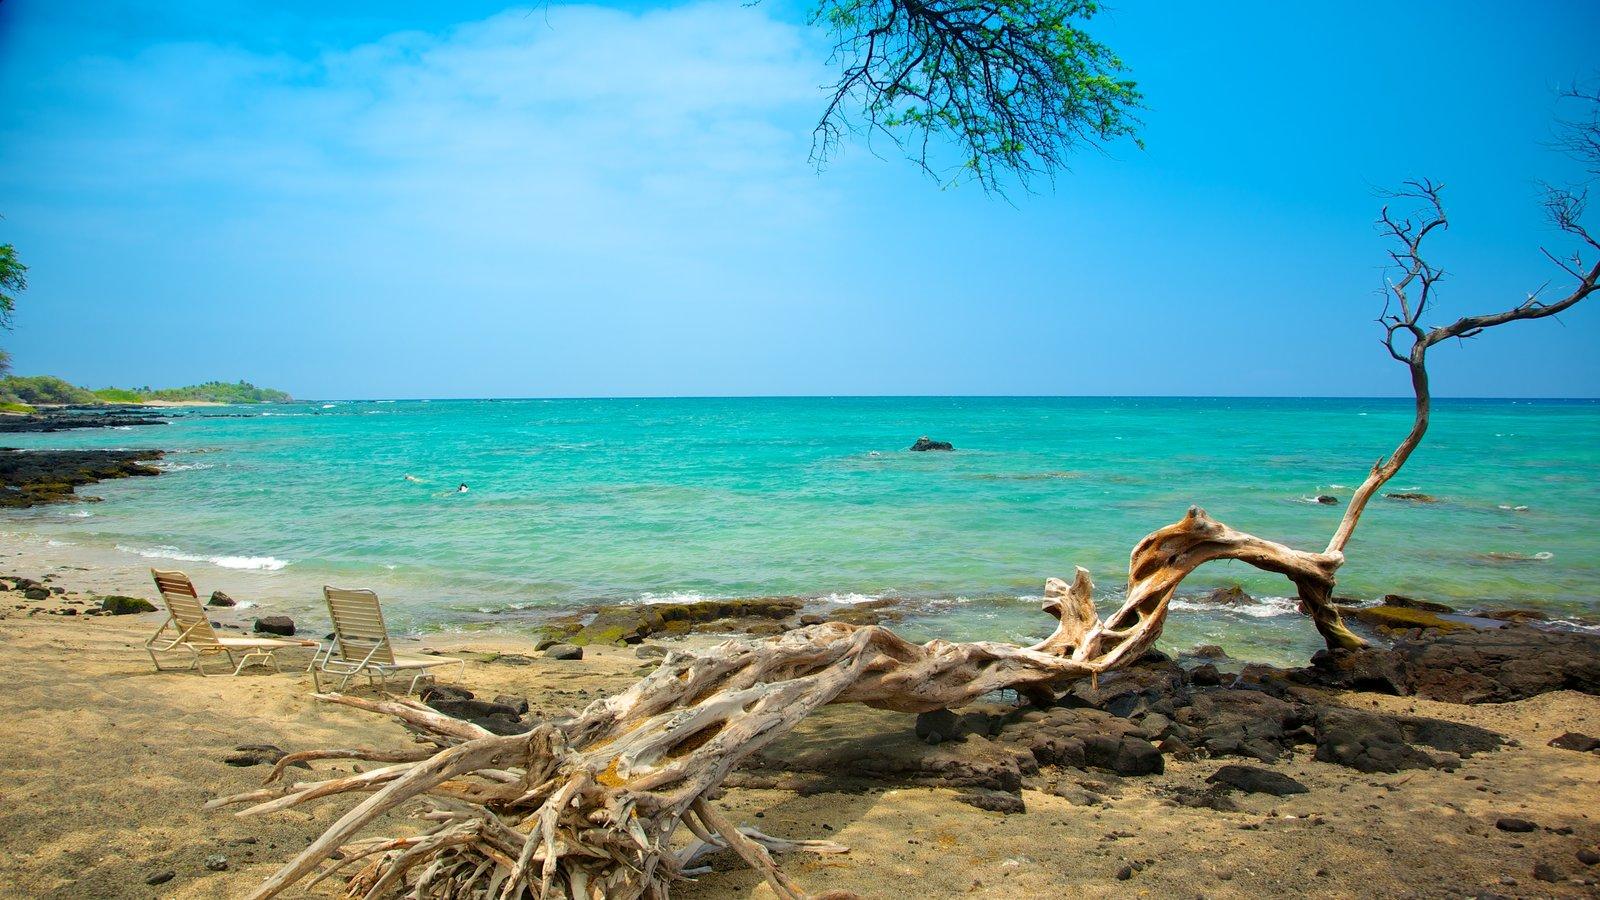 Havaí que inclui uma praia de areia, cenas tropicais e paisagem